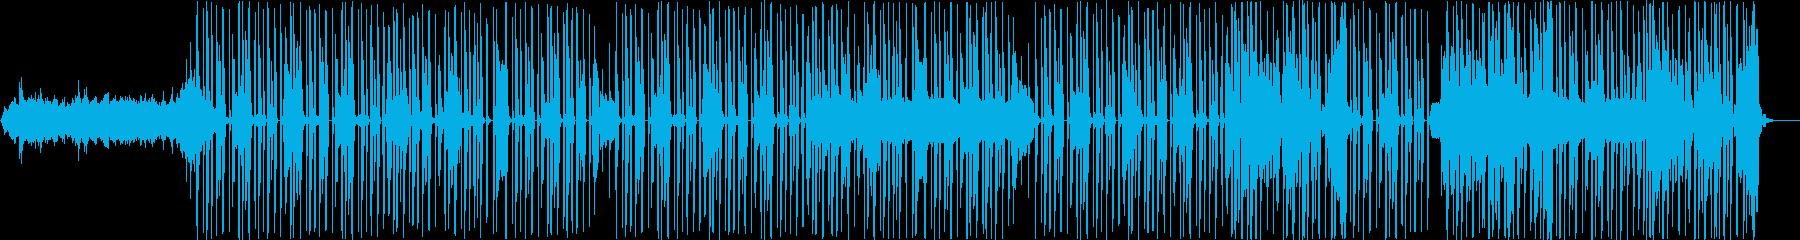 エミネム。ヒップホップ。 R&B。の再生済みの波形